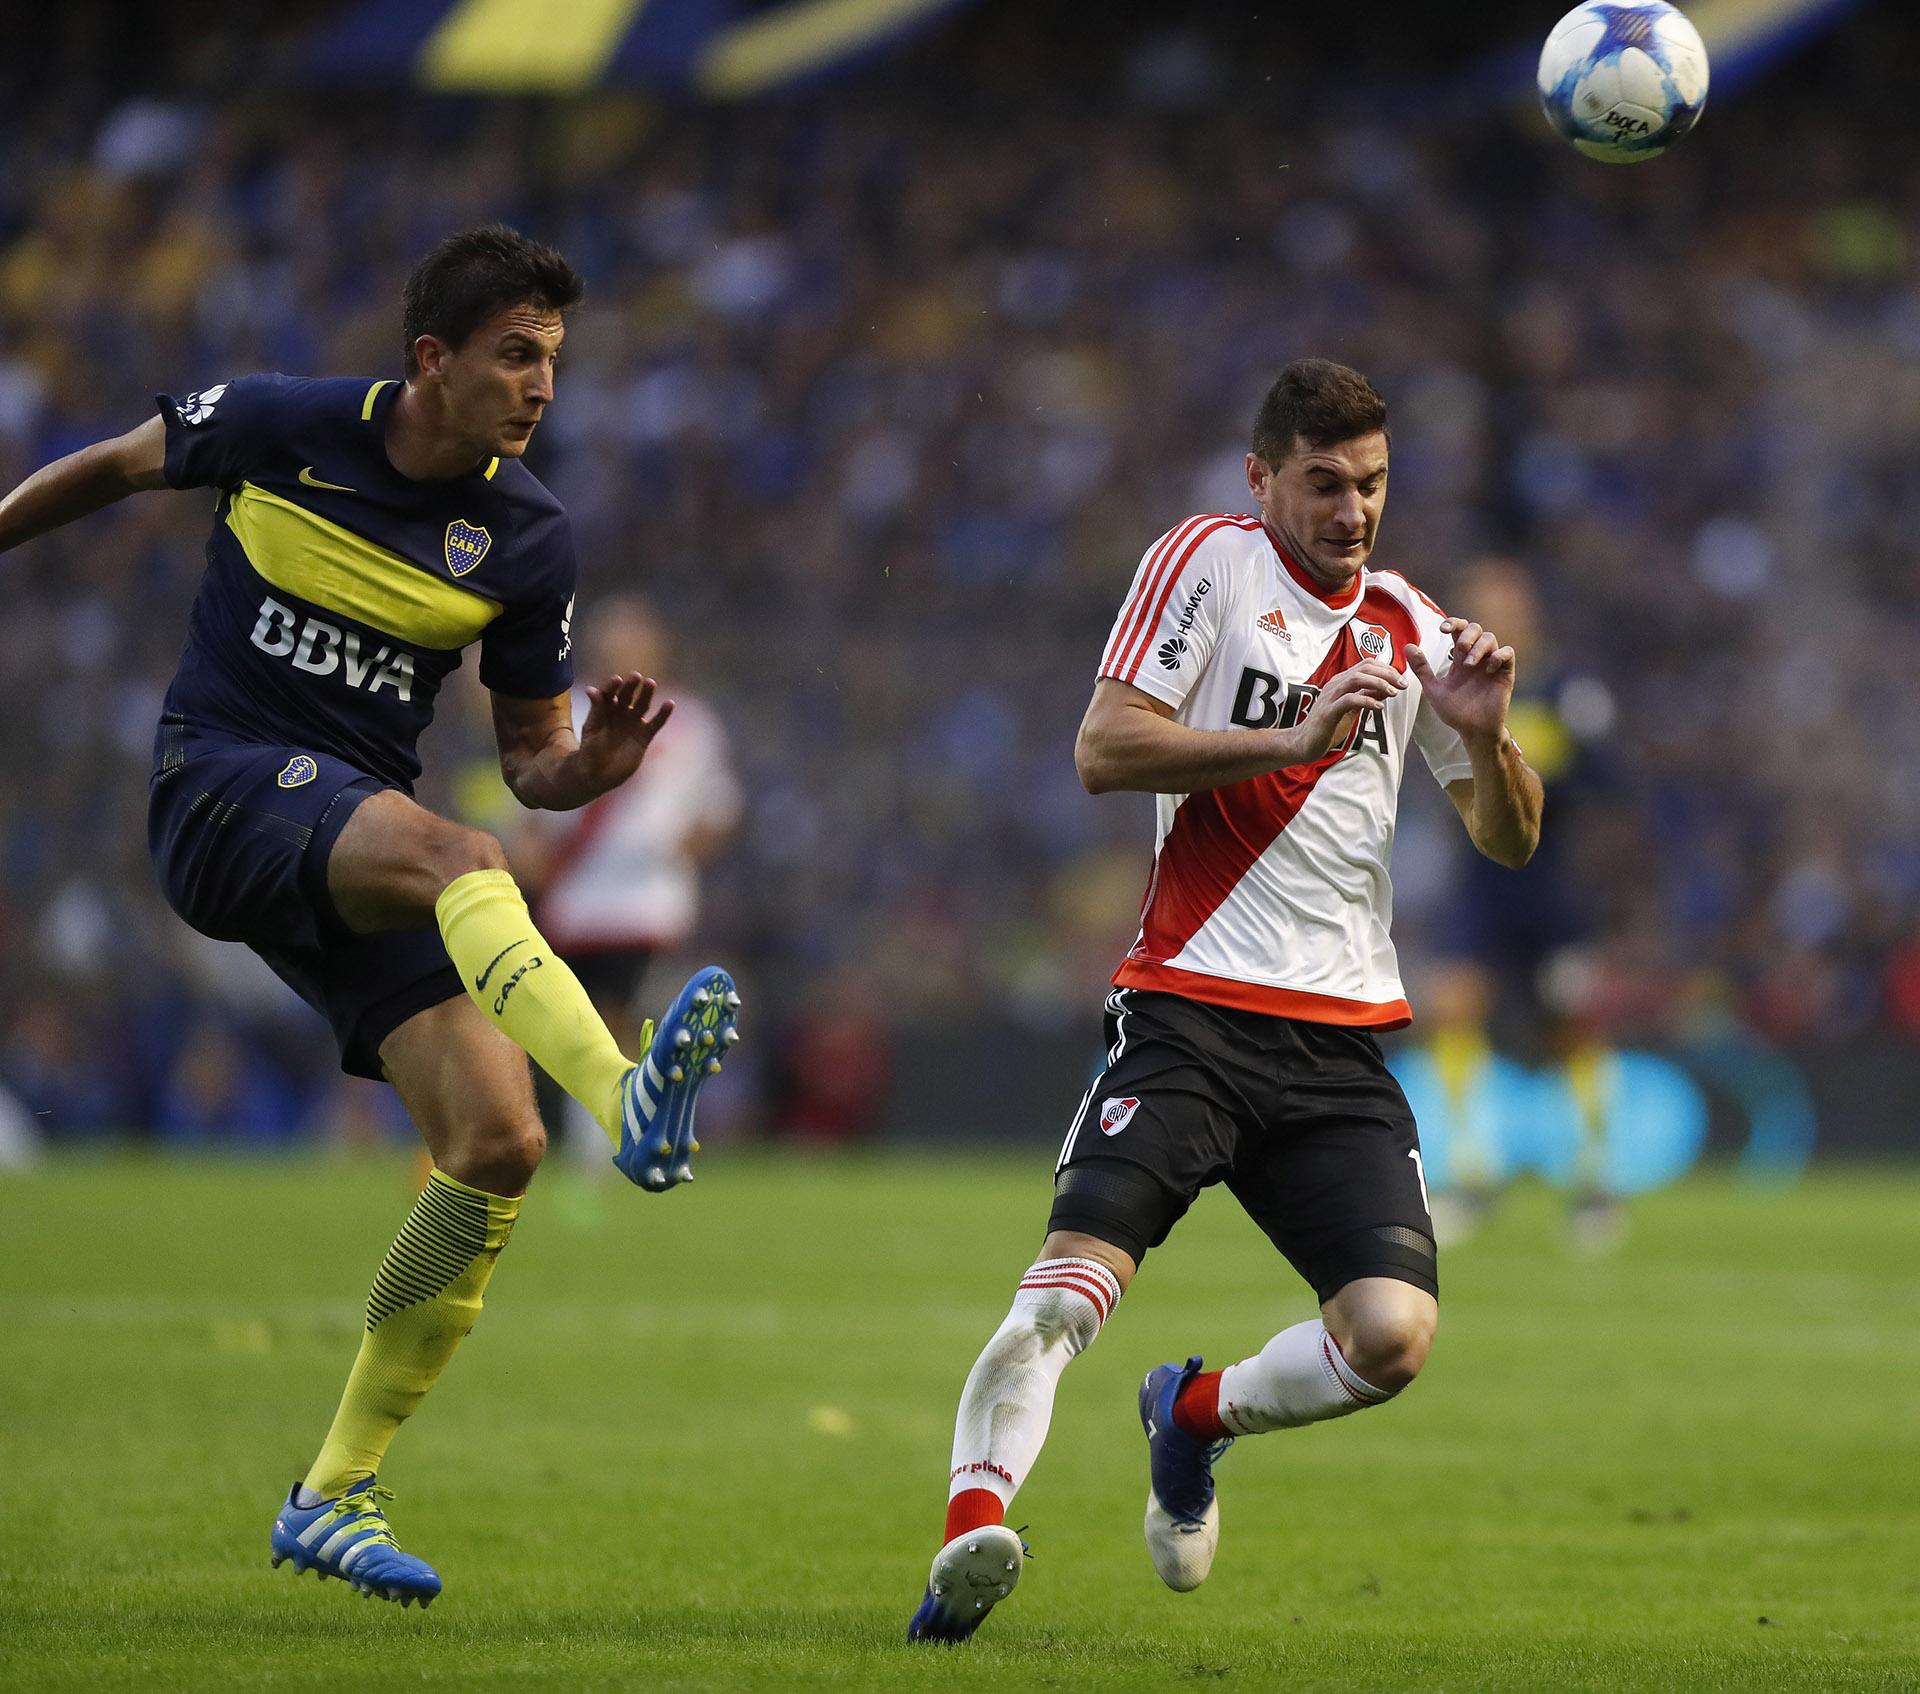 El jugador de Boca Santiago Vergini disputa el balón con Lucas Alario